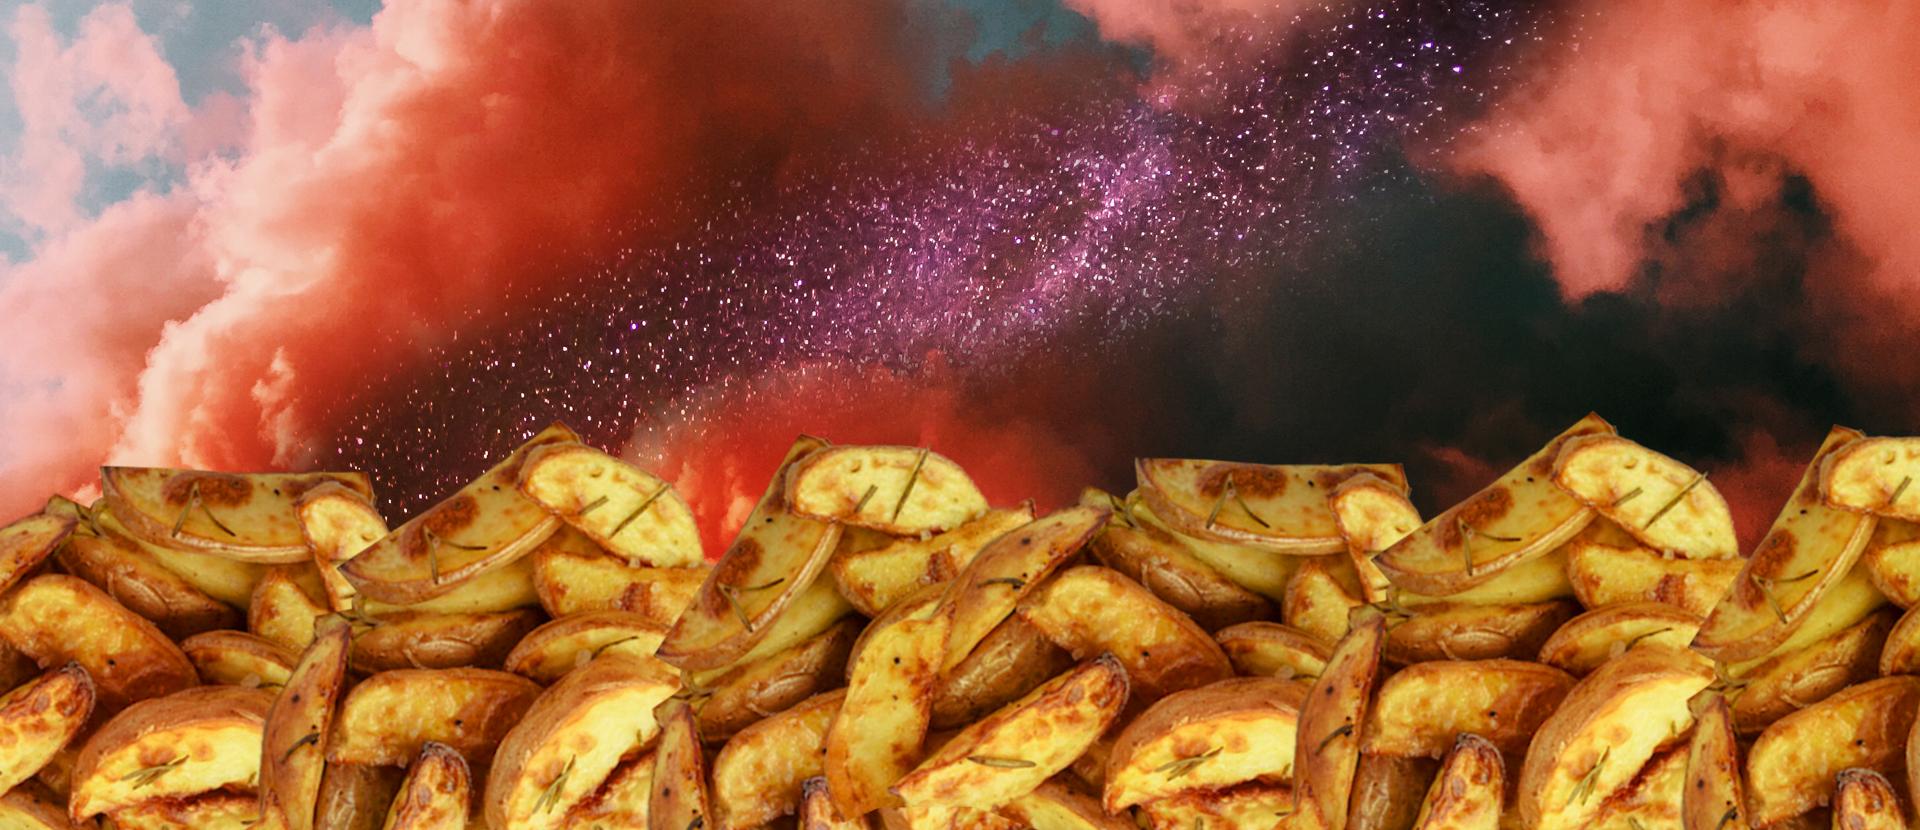 Le patate arrosto mettono d'accordo tutti, sempre: gli errori da non fare per averle perfette